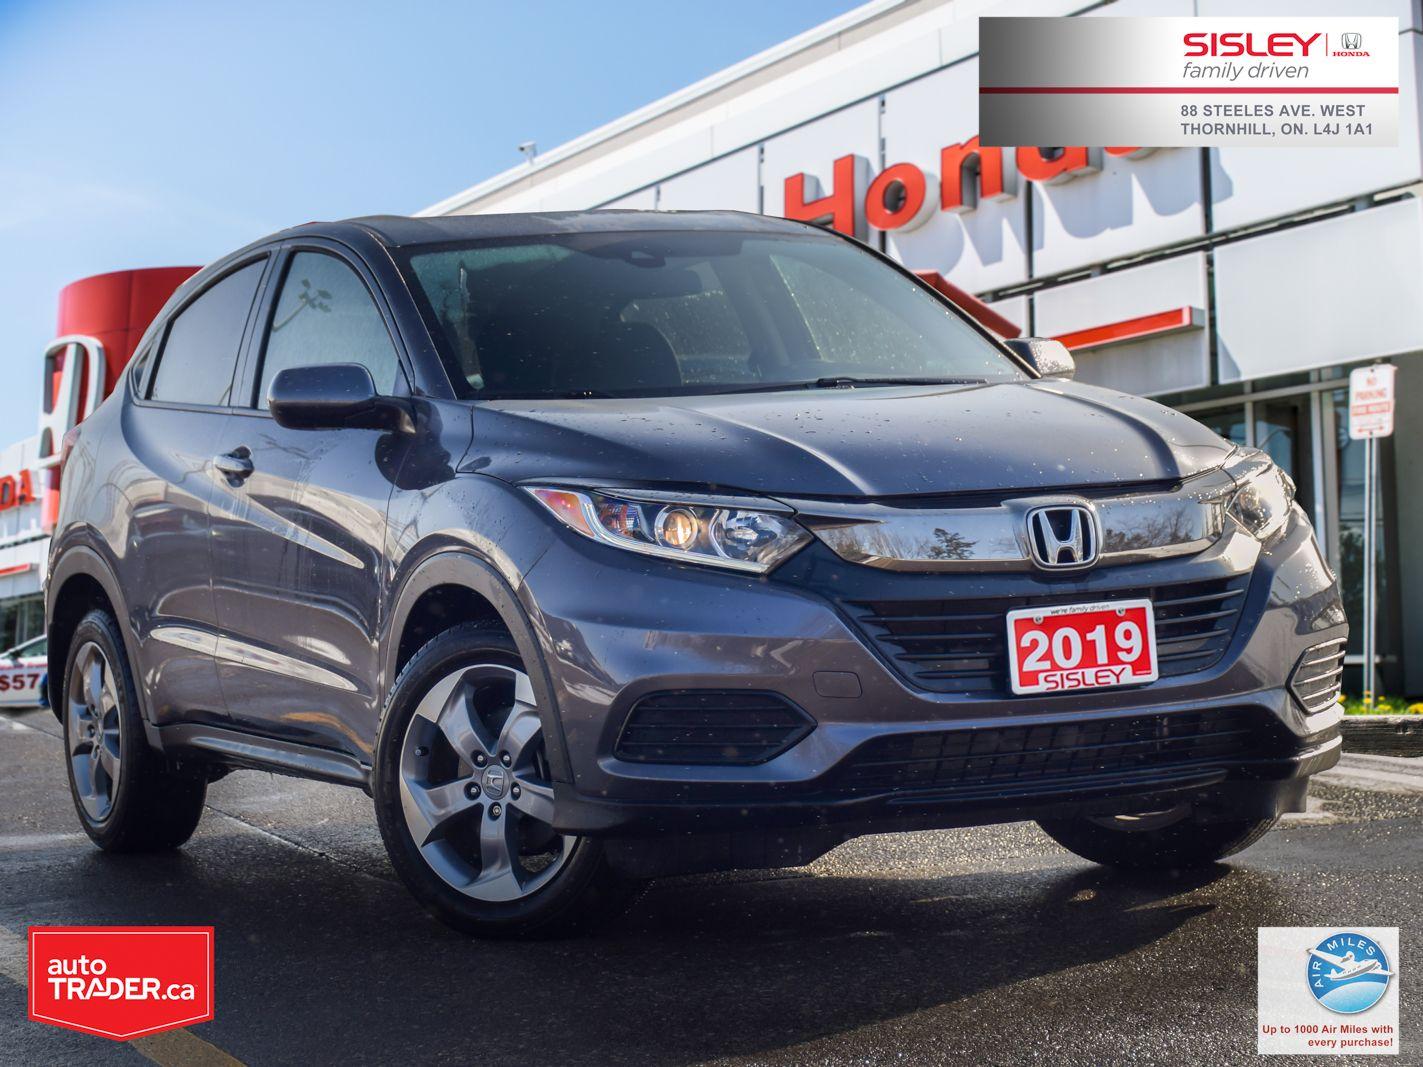 2019 Honda HR-V Image